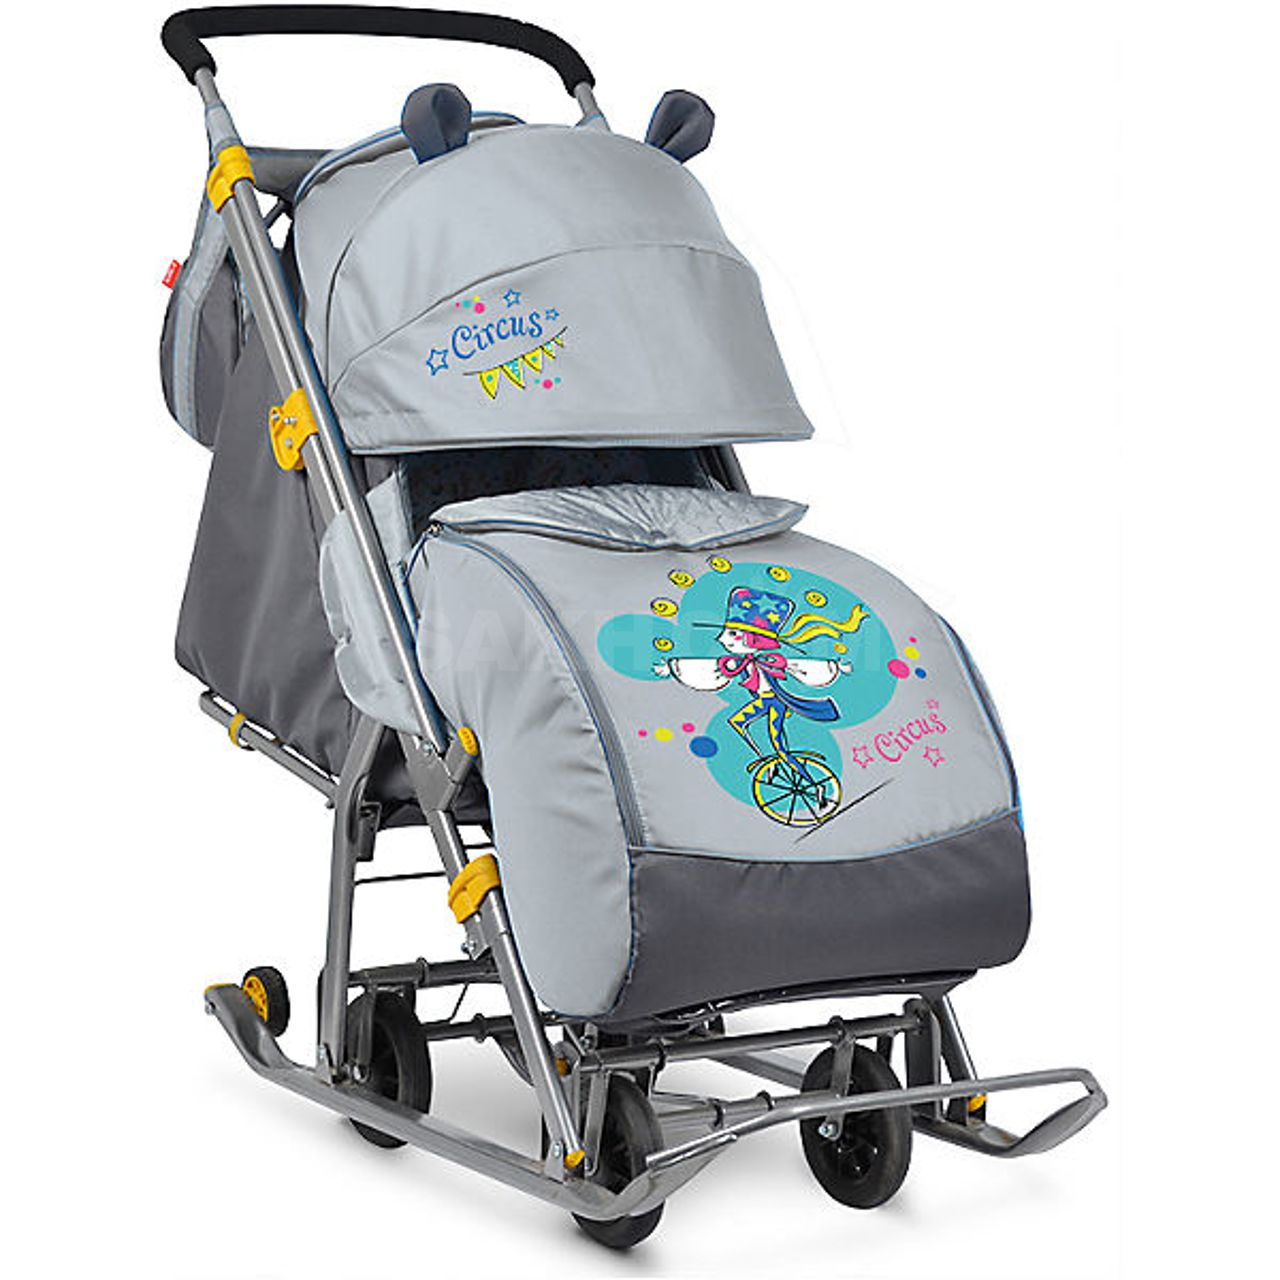 Детские санки-коляска с колёсами: критерии выбора, рейтинг лучших моделей, как собрать и ухаживать